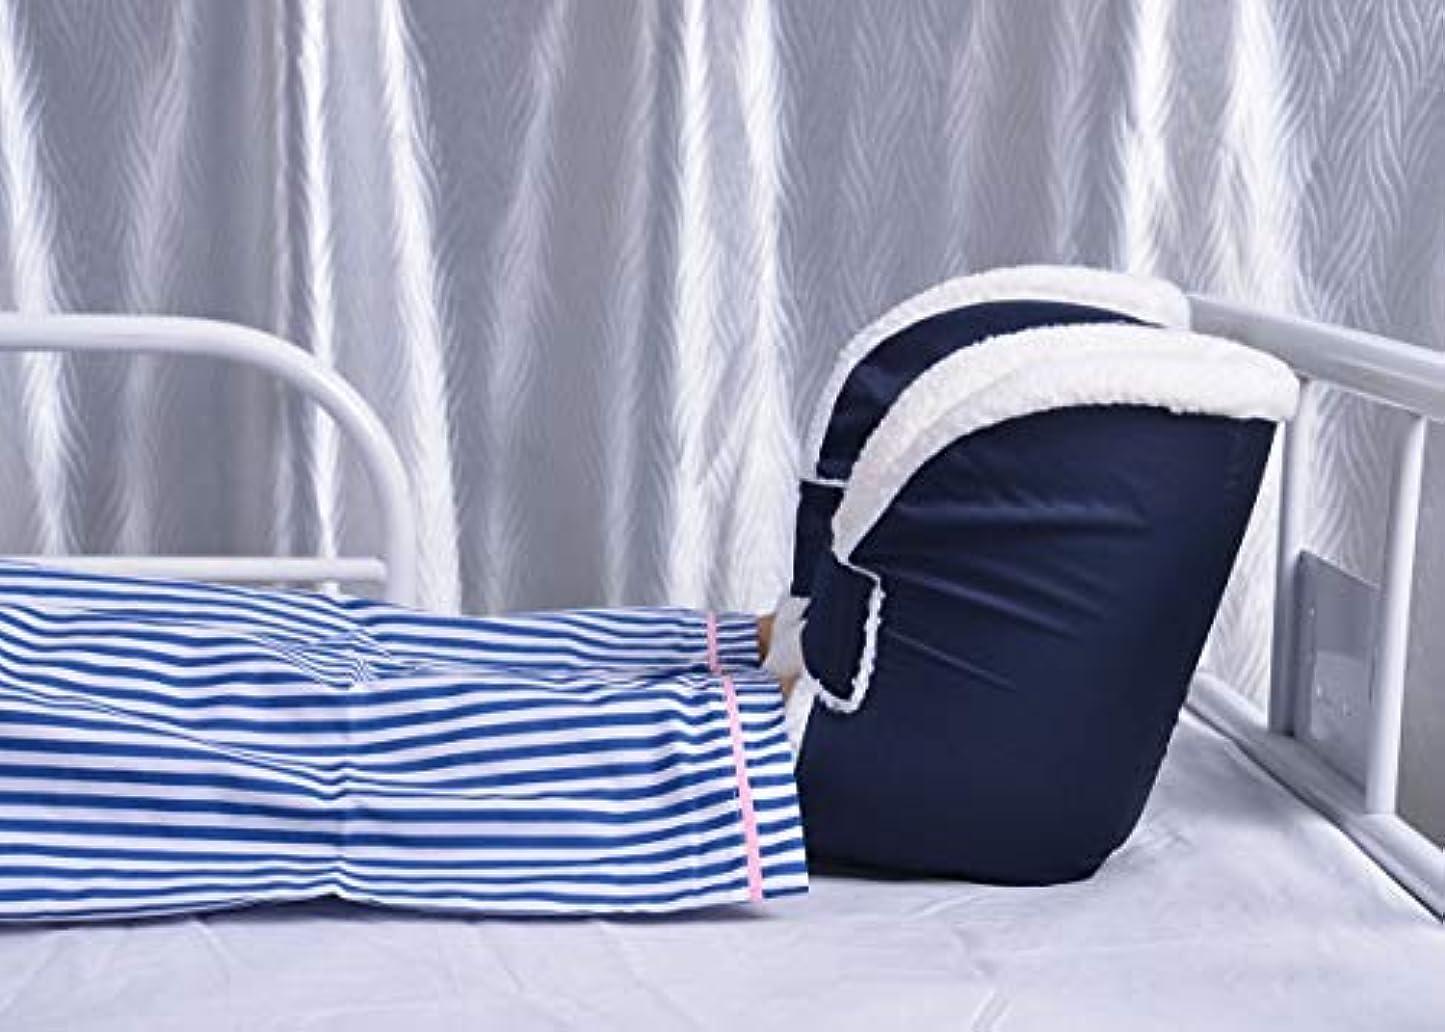 ヒールプロテクター - 1組の褥瘡足パッド枕 - かかと、足、足首&肘用ブーツ枕 - ワンサイズ